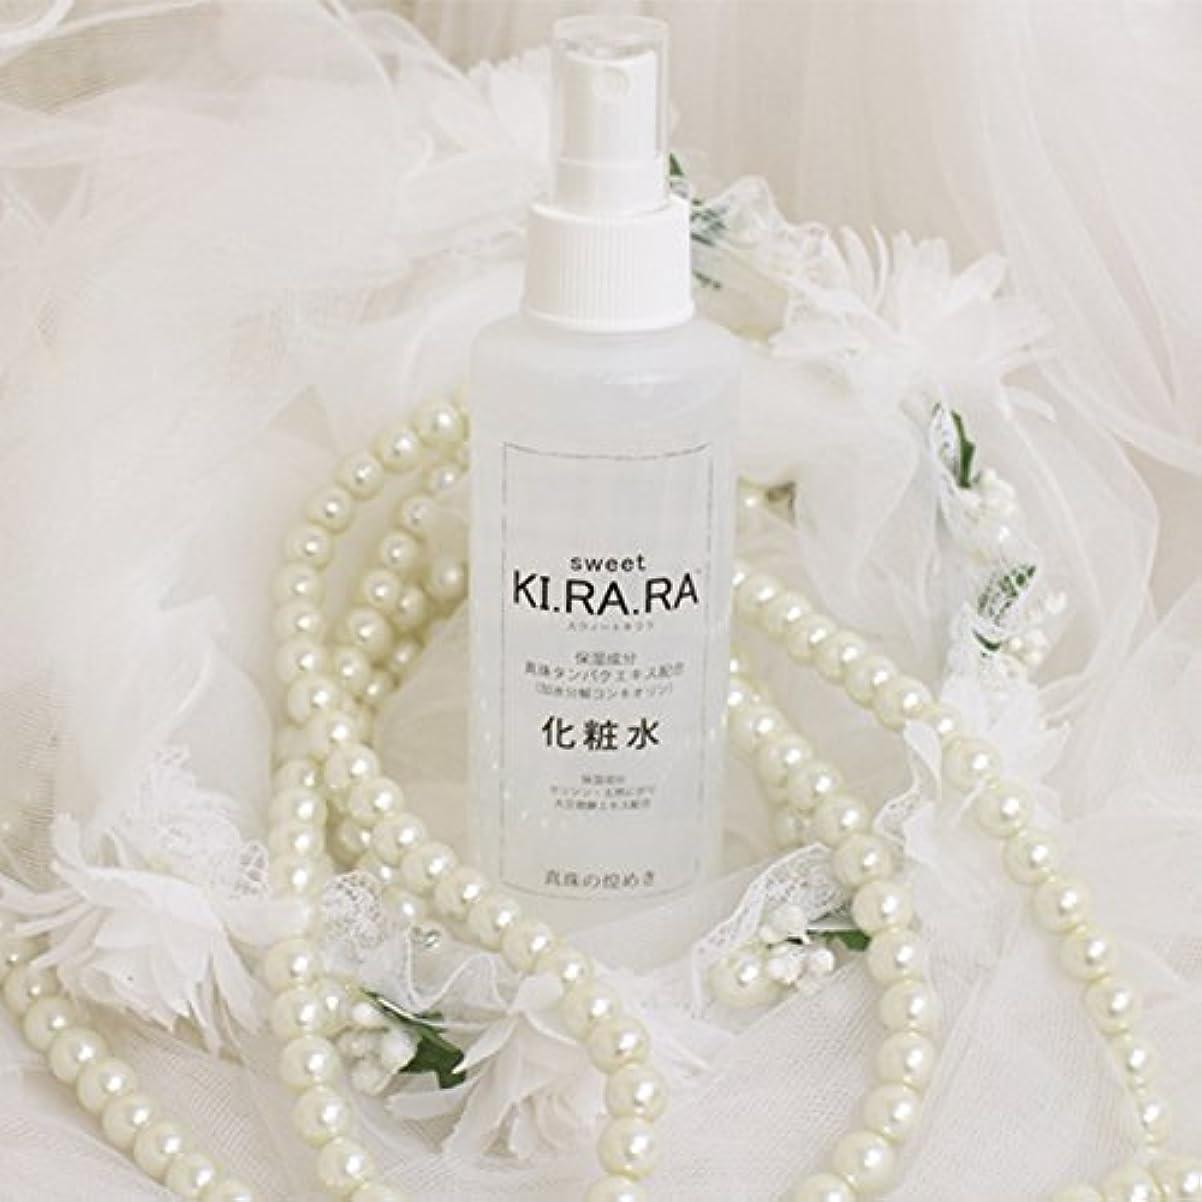 ダウンタウンガソリン私たちsweet KI.RA.RA スウィートキララ 化粧水 ナチュラルローション 真珠タンパクエキス配合 150ml